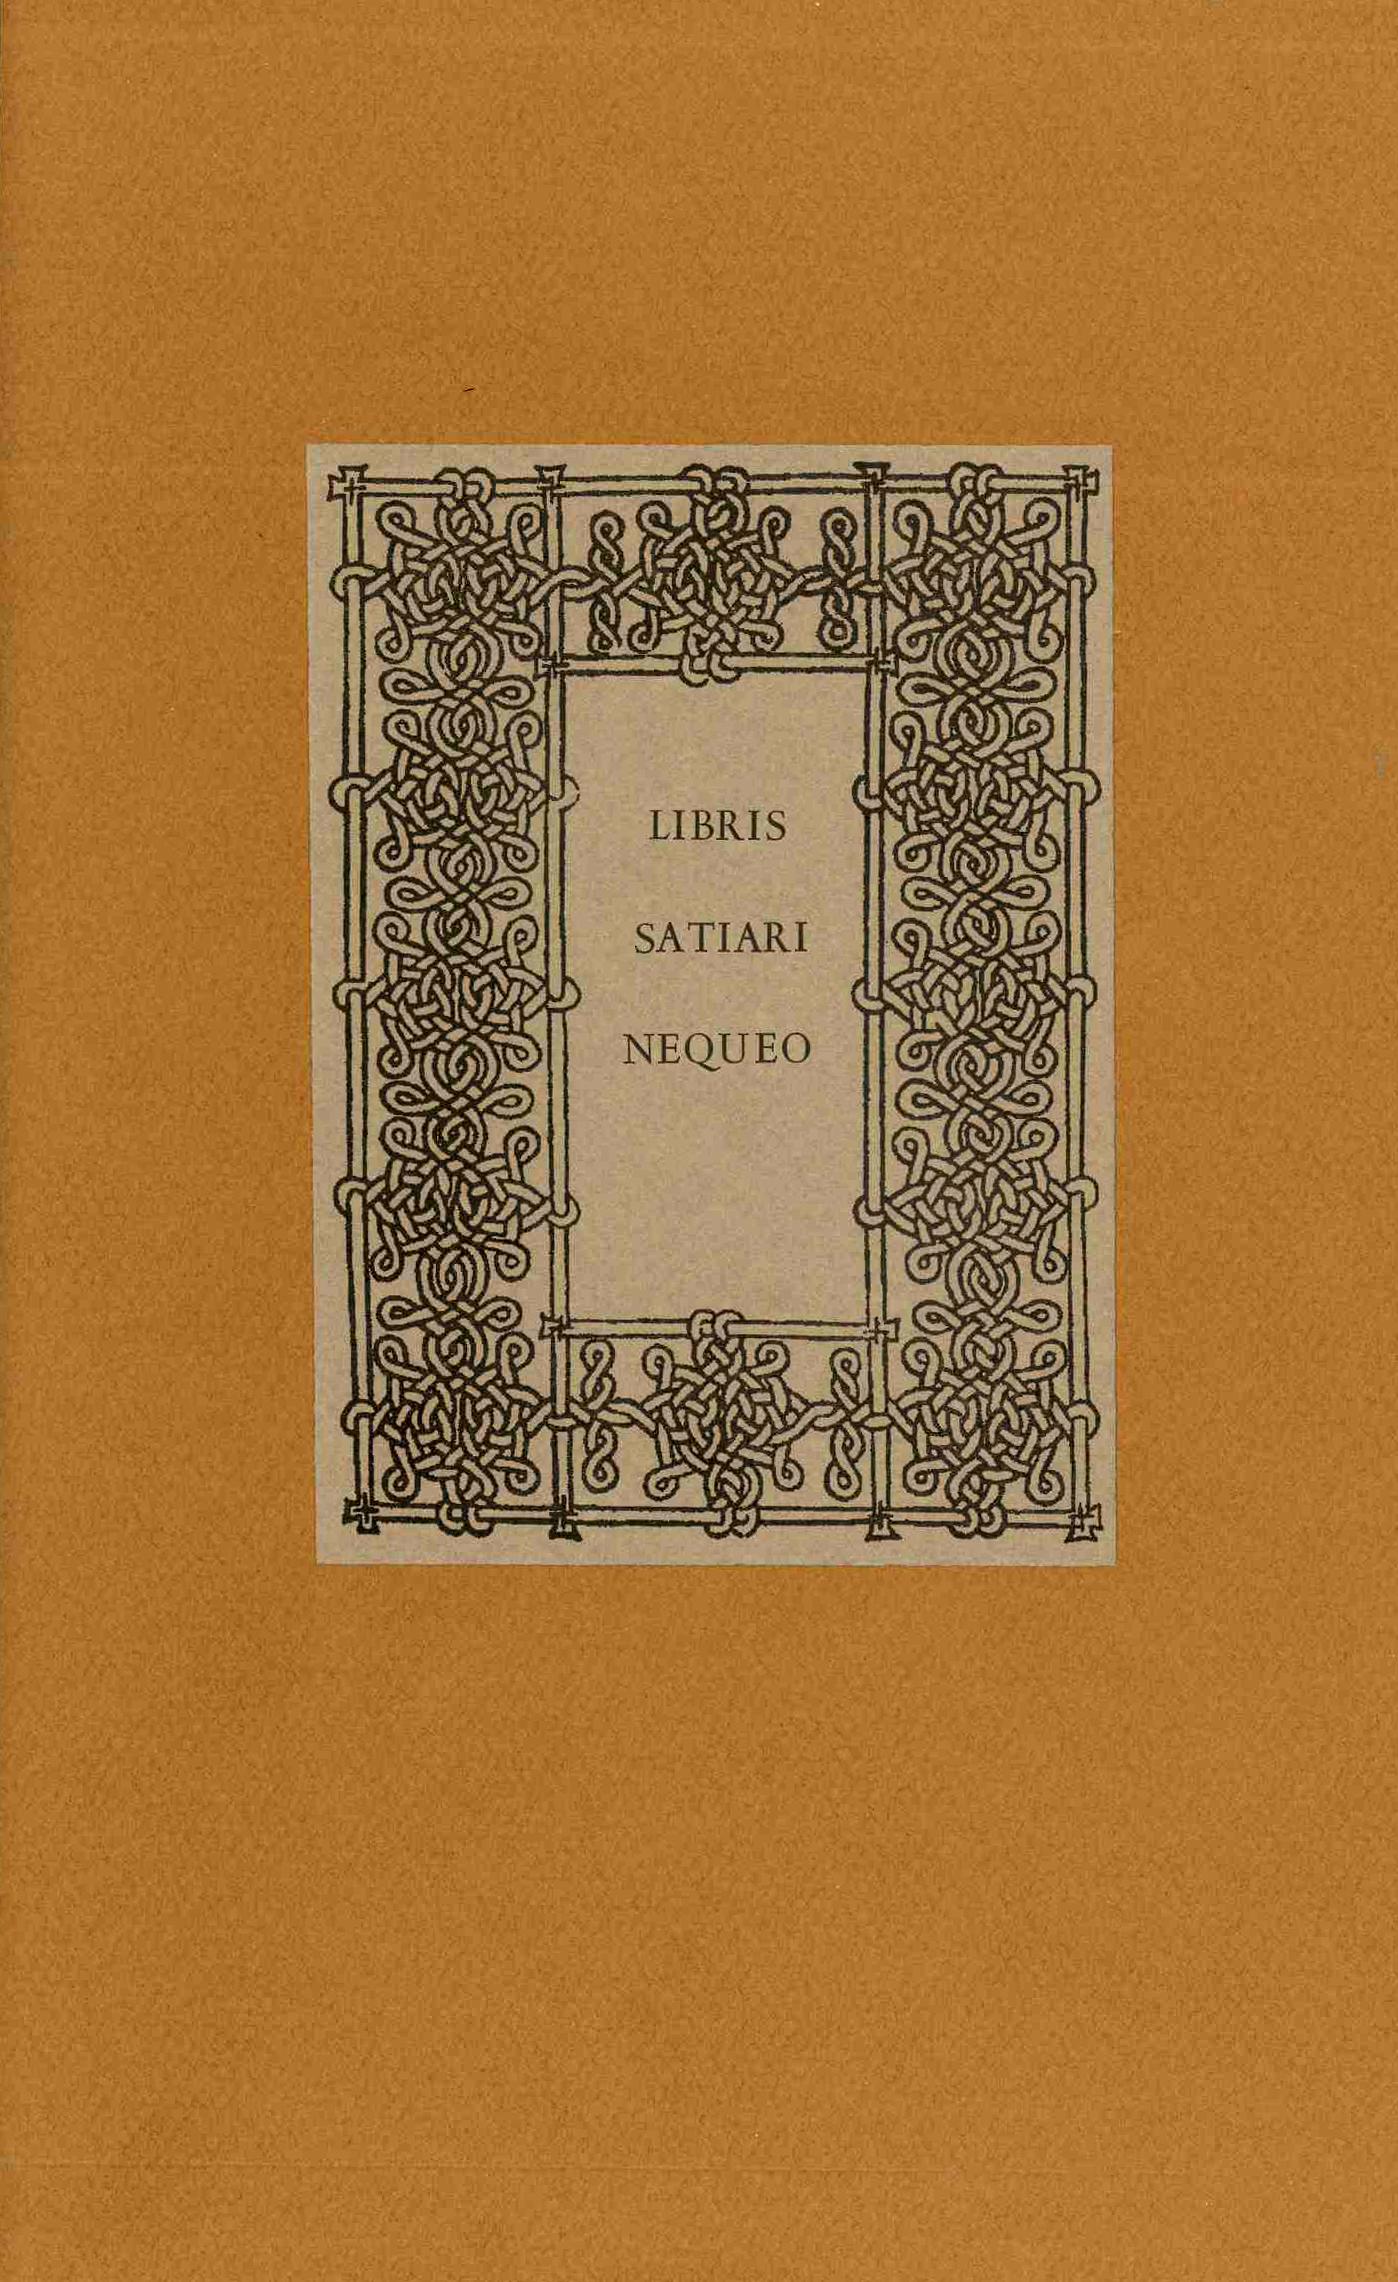 libris satiari nequeo